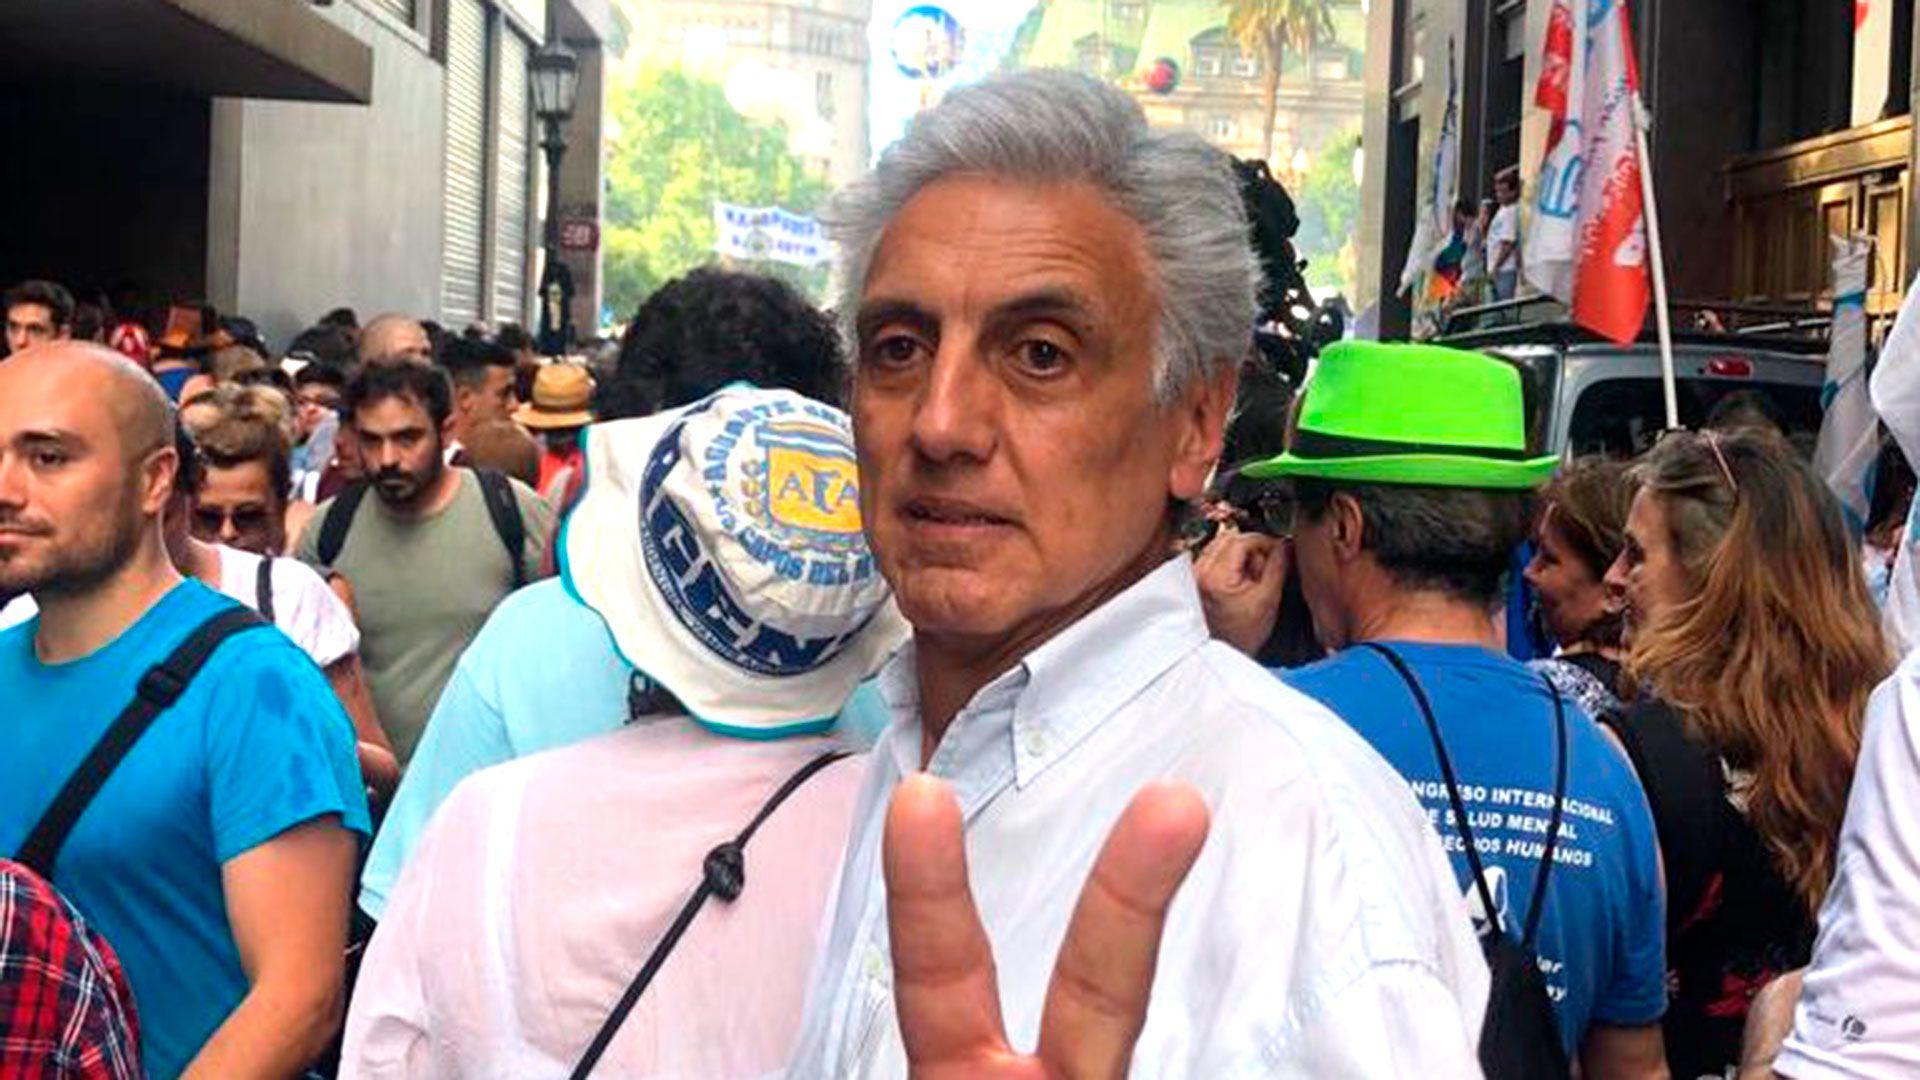 Carlos-Raimundi